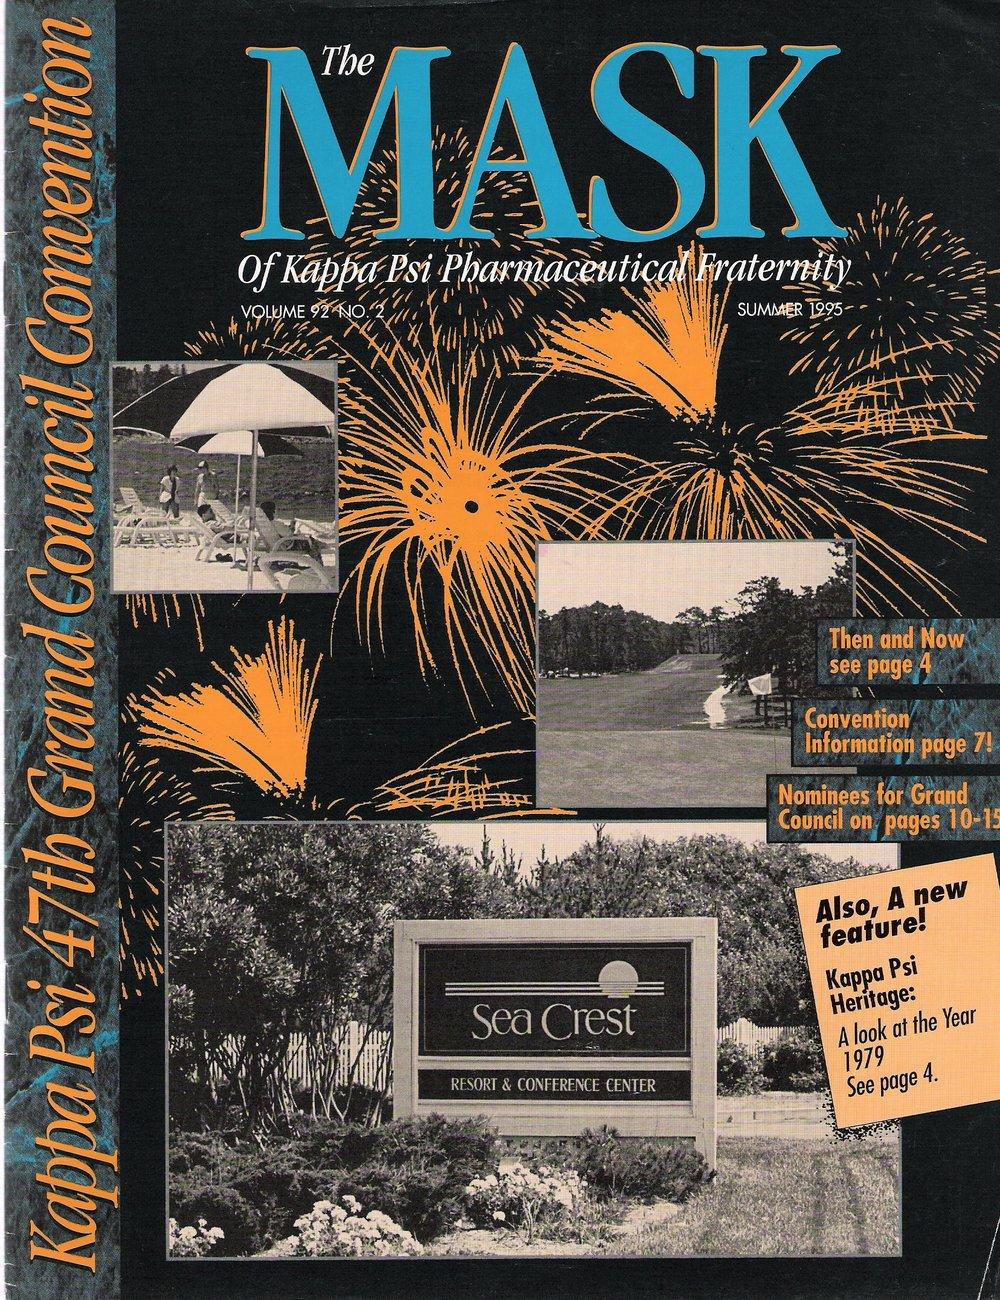 mask_cover_06_1995.jpg